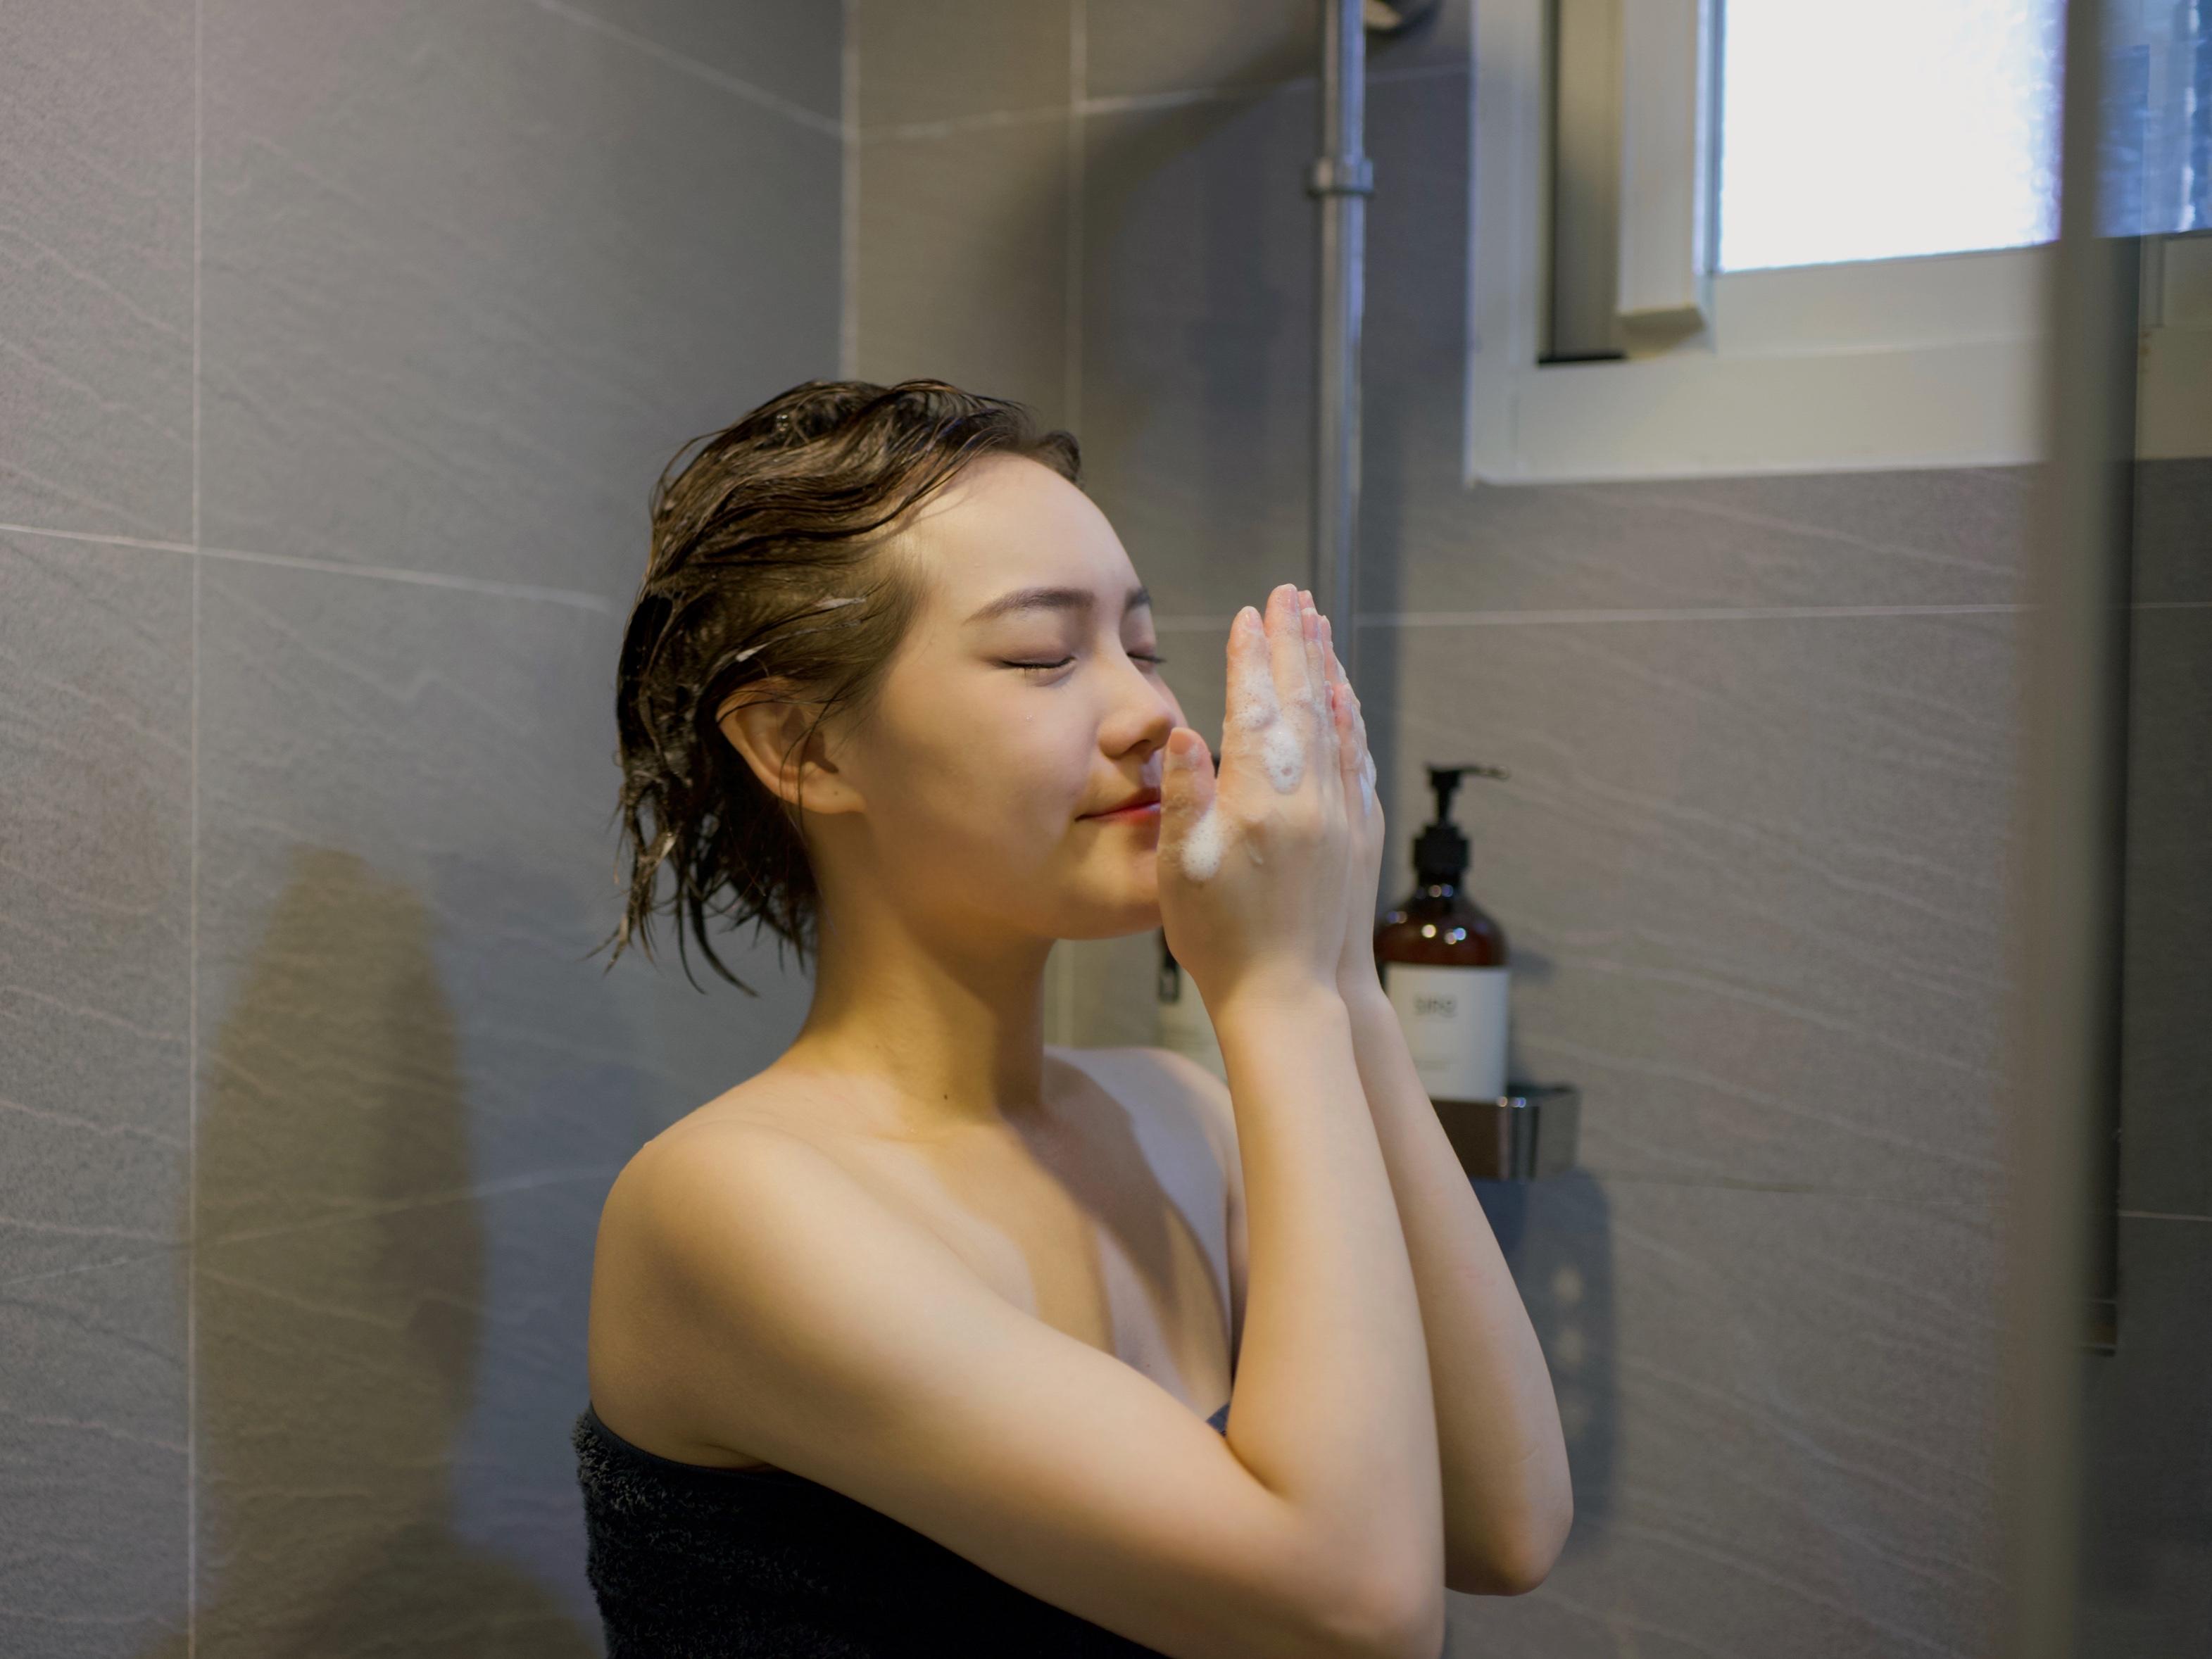 細軟髮洗髮精推薦 MIT台灣健髮品牌SIRO   ptt dcard評價 心得